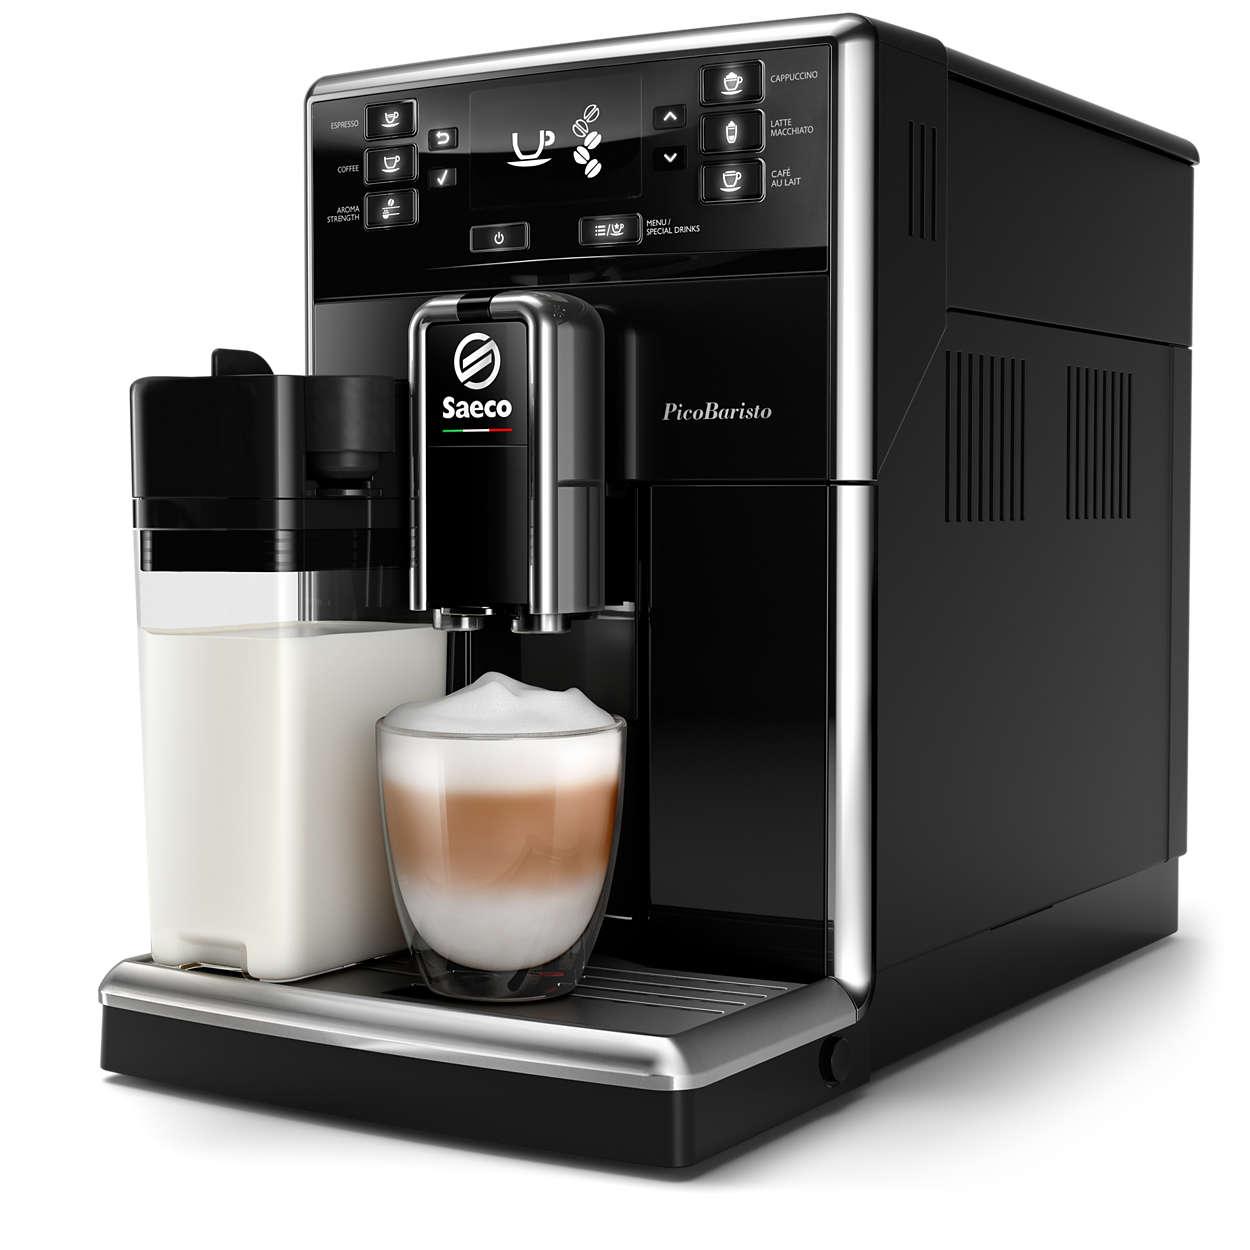 Exquisiter Kaffee, ganz nach Ihrem Geschmack